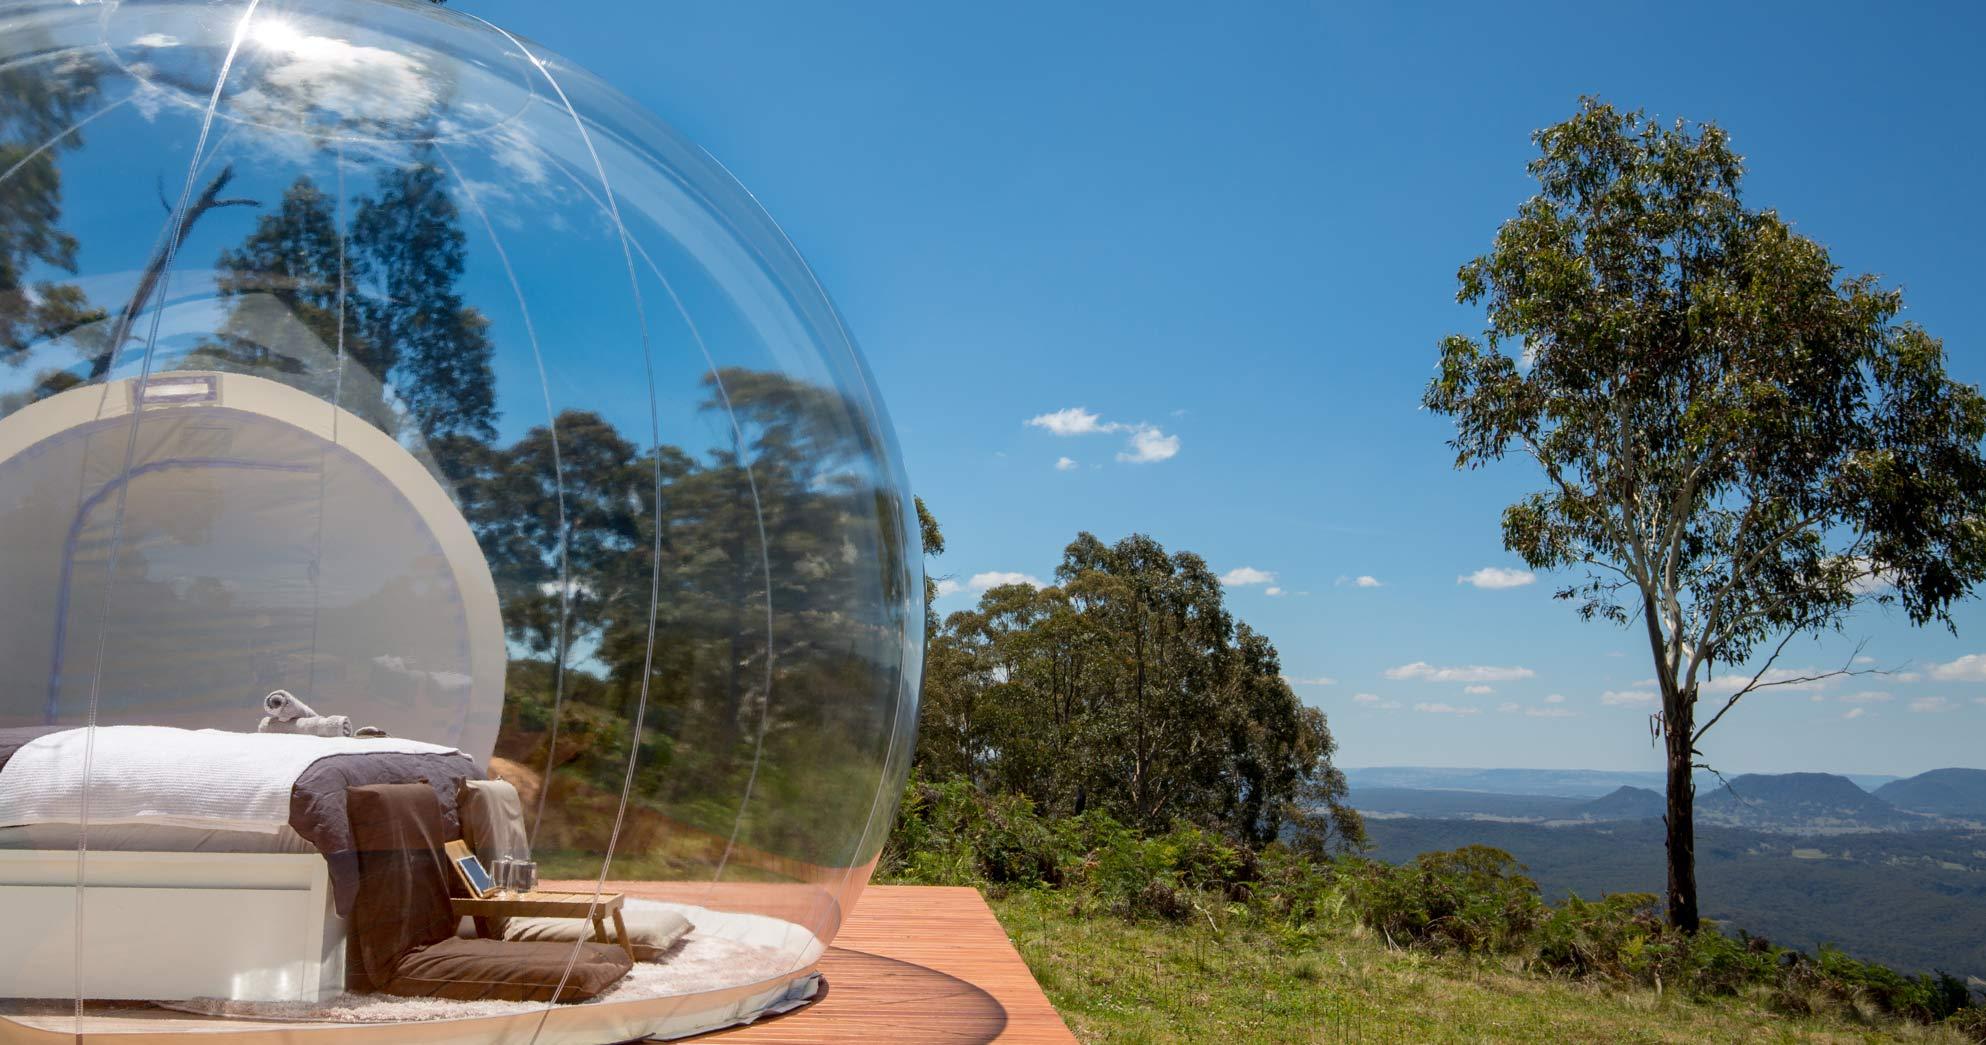 オーストラリアの大自然でグランピング BUBBLETENT AUSTRALIA(バブルテント・オーストラリア)| CAPERTEE VALLEY